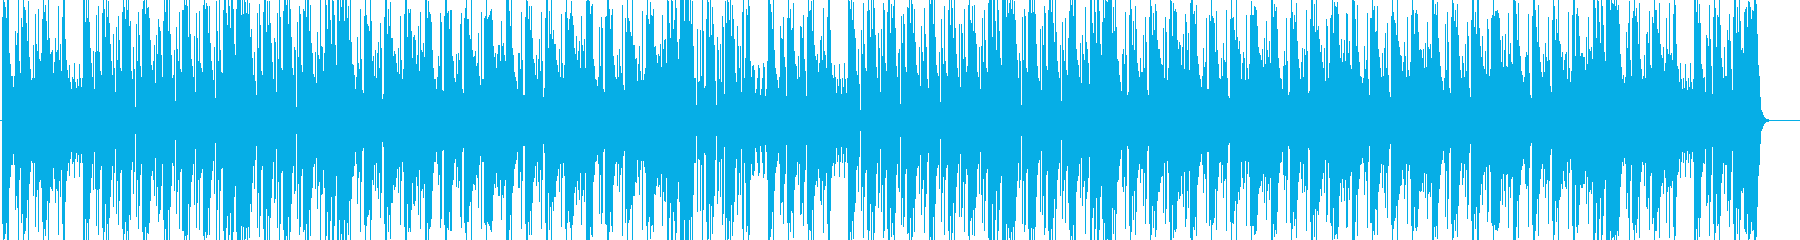 燃えるようなインパクトあるメロディーの再生済みの波形